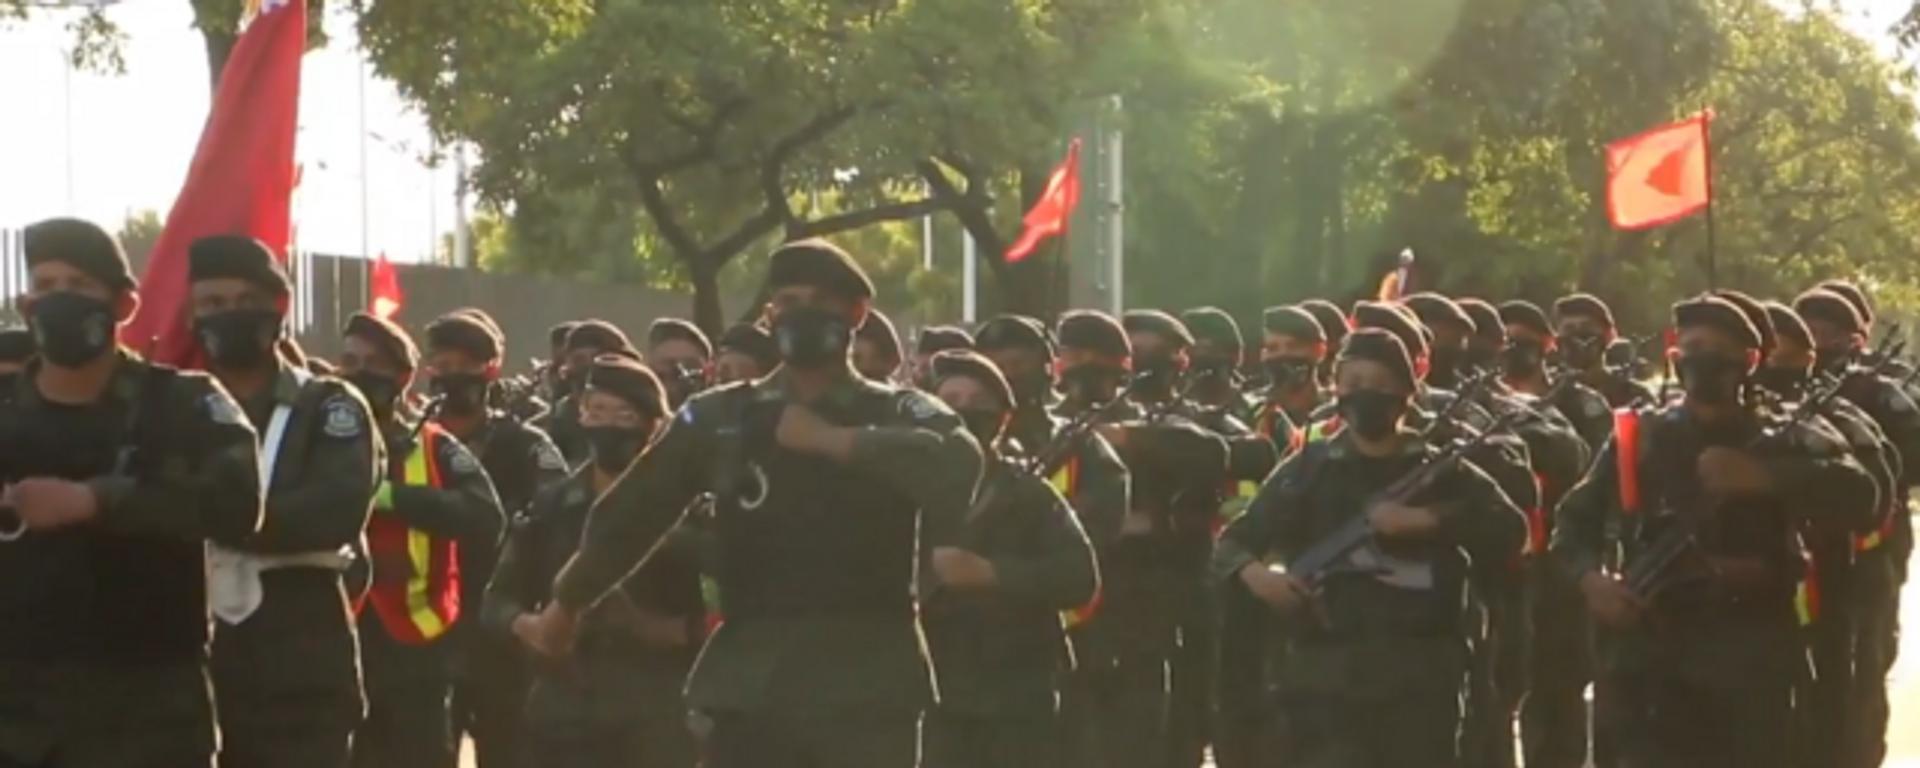 Vídeo: el Ejército de Nicaragua celebra sus 42 años con un desfile en Managua - Sputnik Mundo, 1920, 04.09.2021